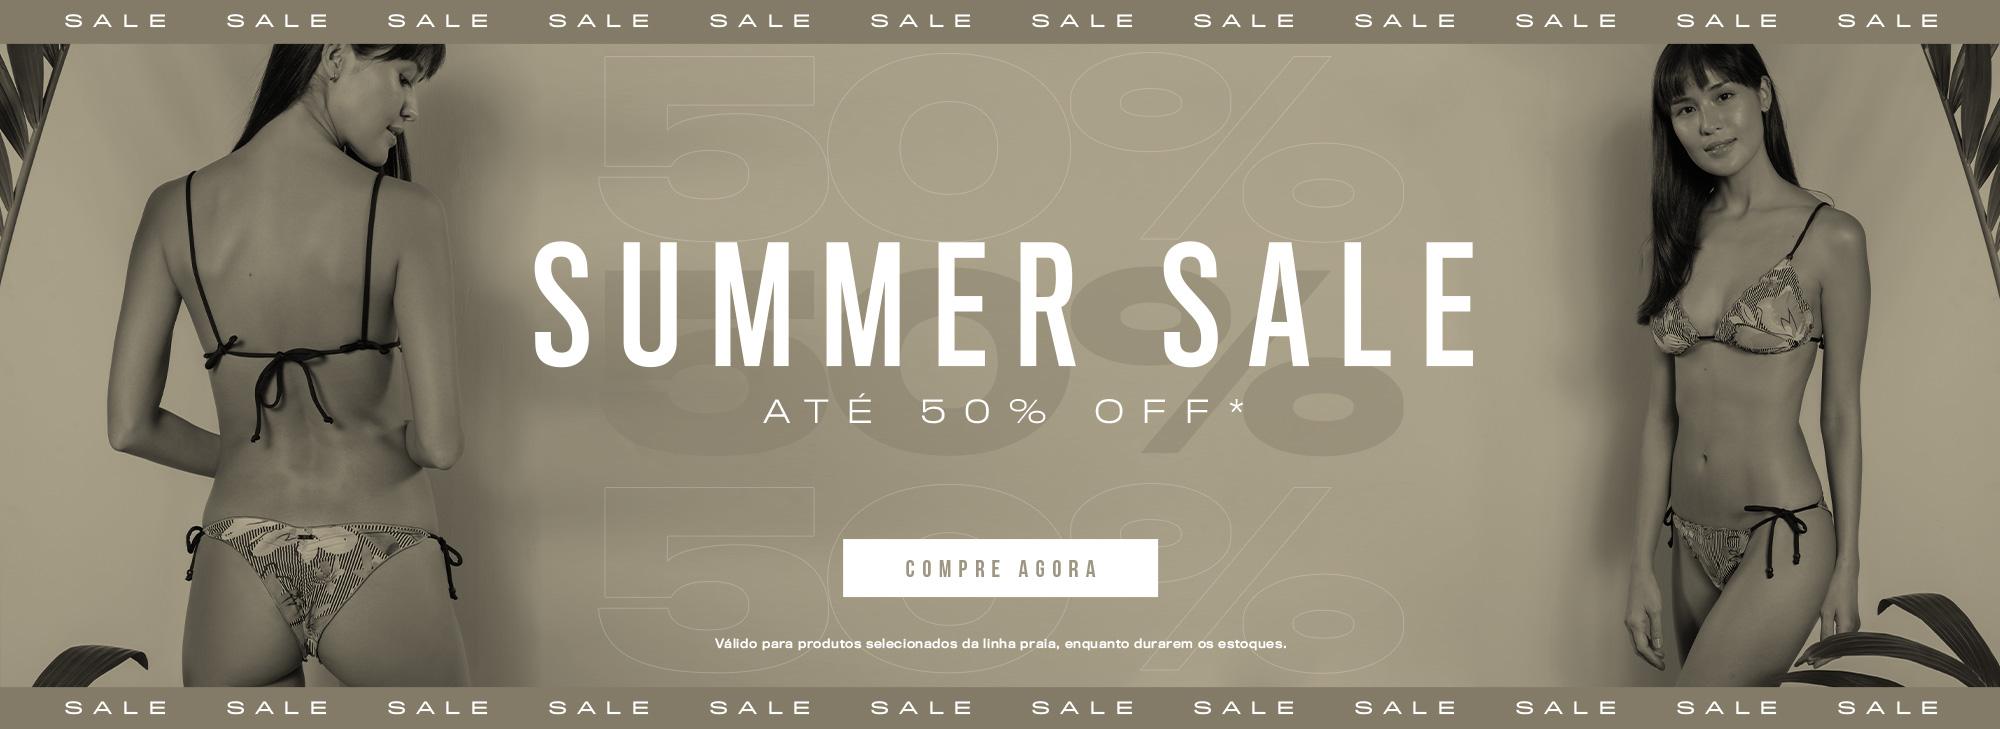 2809_banner_D_2000x729_summer-sale